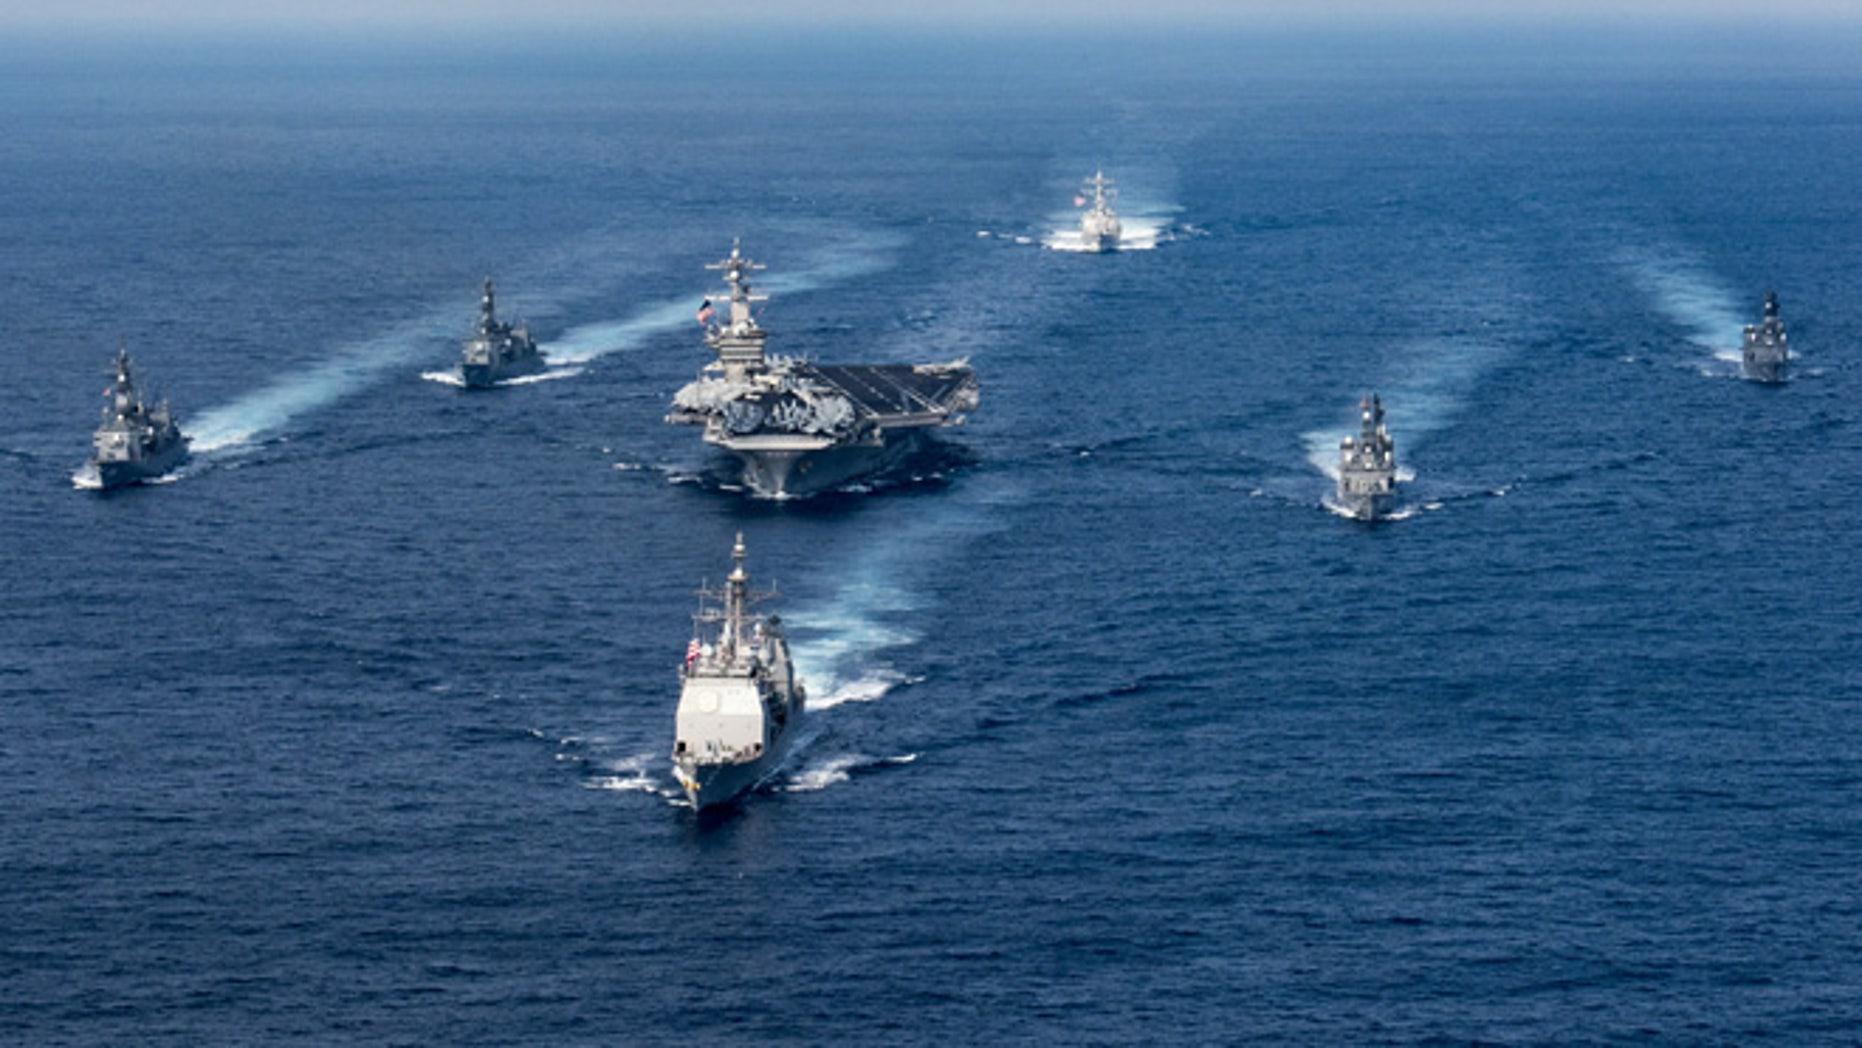 US Navy aircraft carrier USS Carl Vinson CVN 70 print